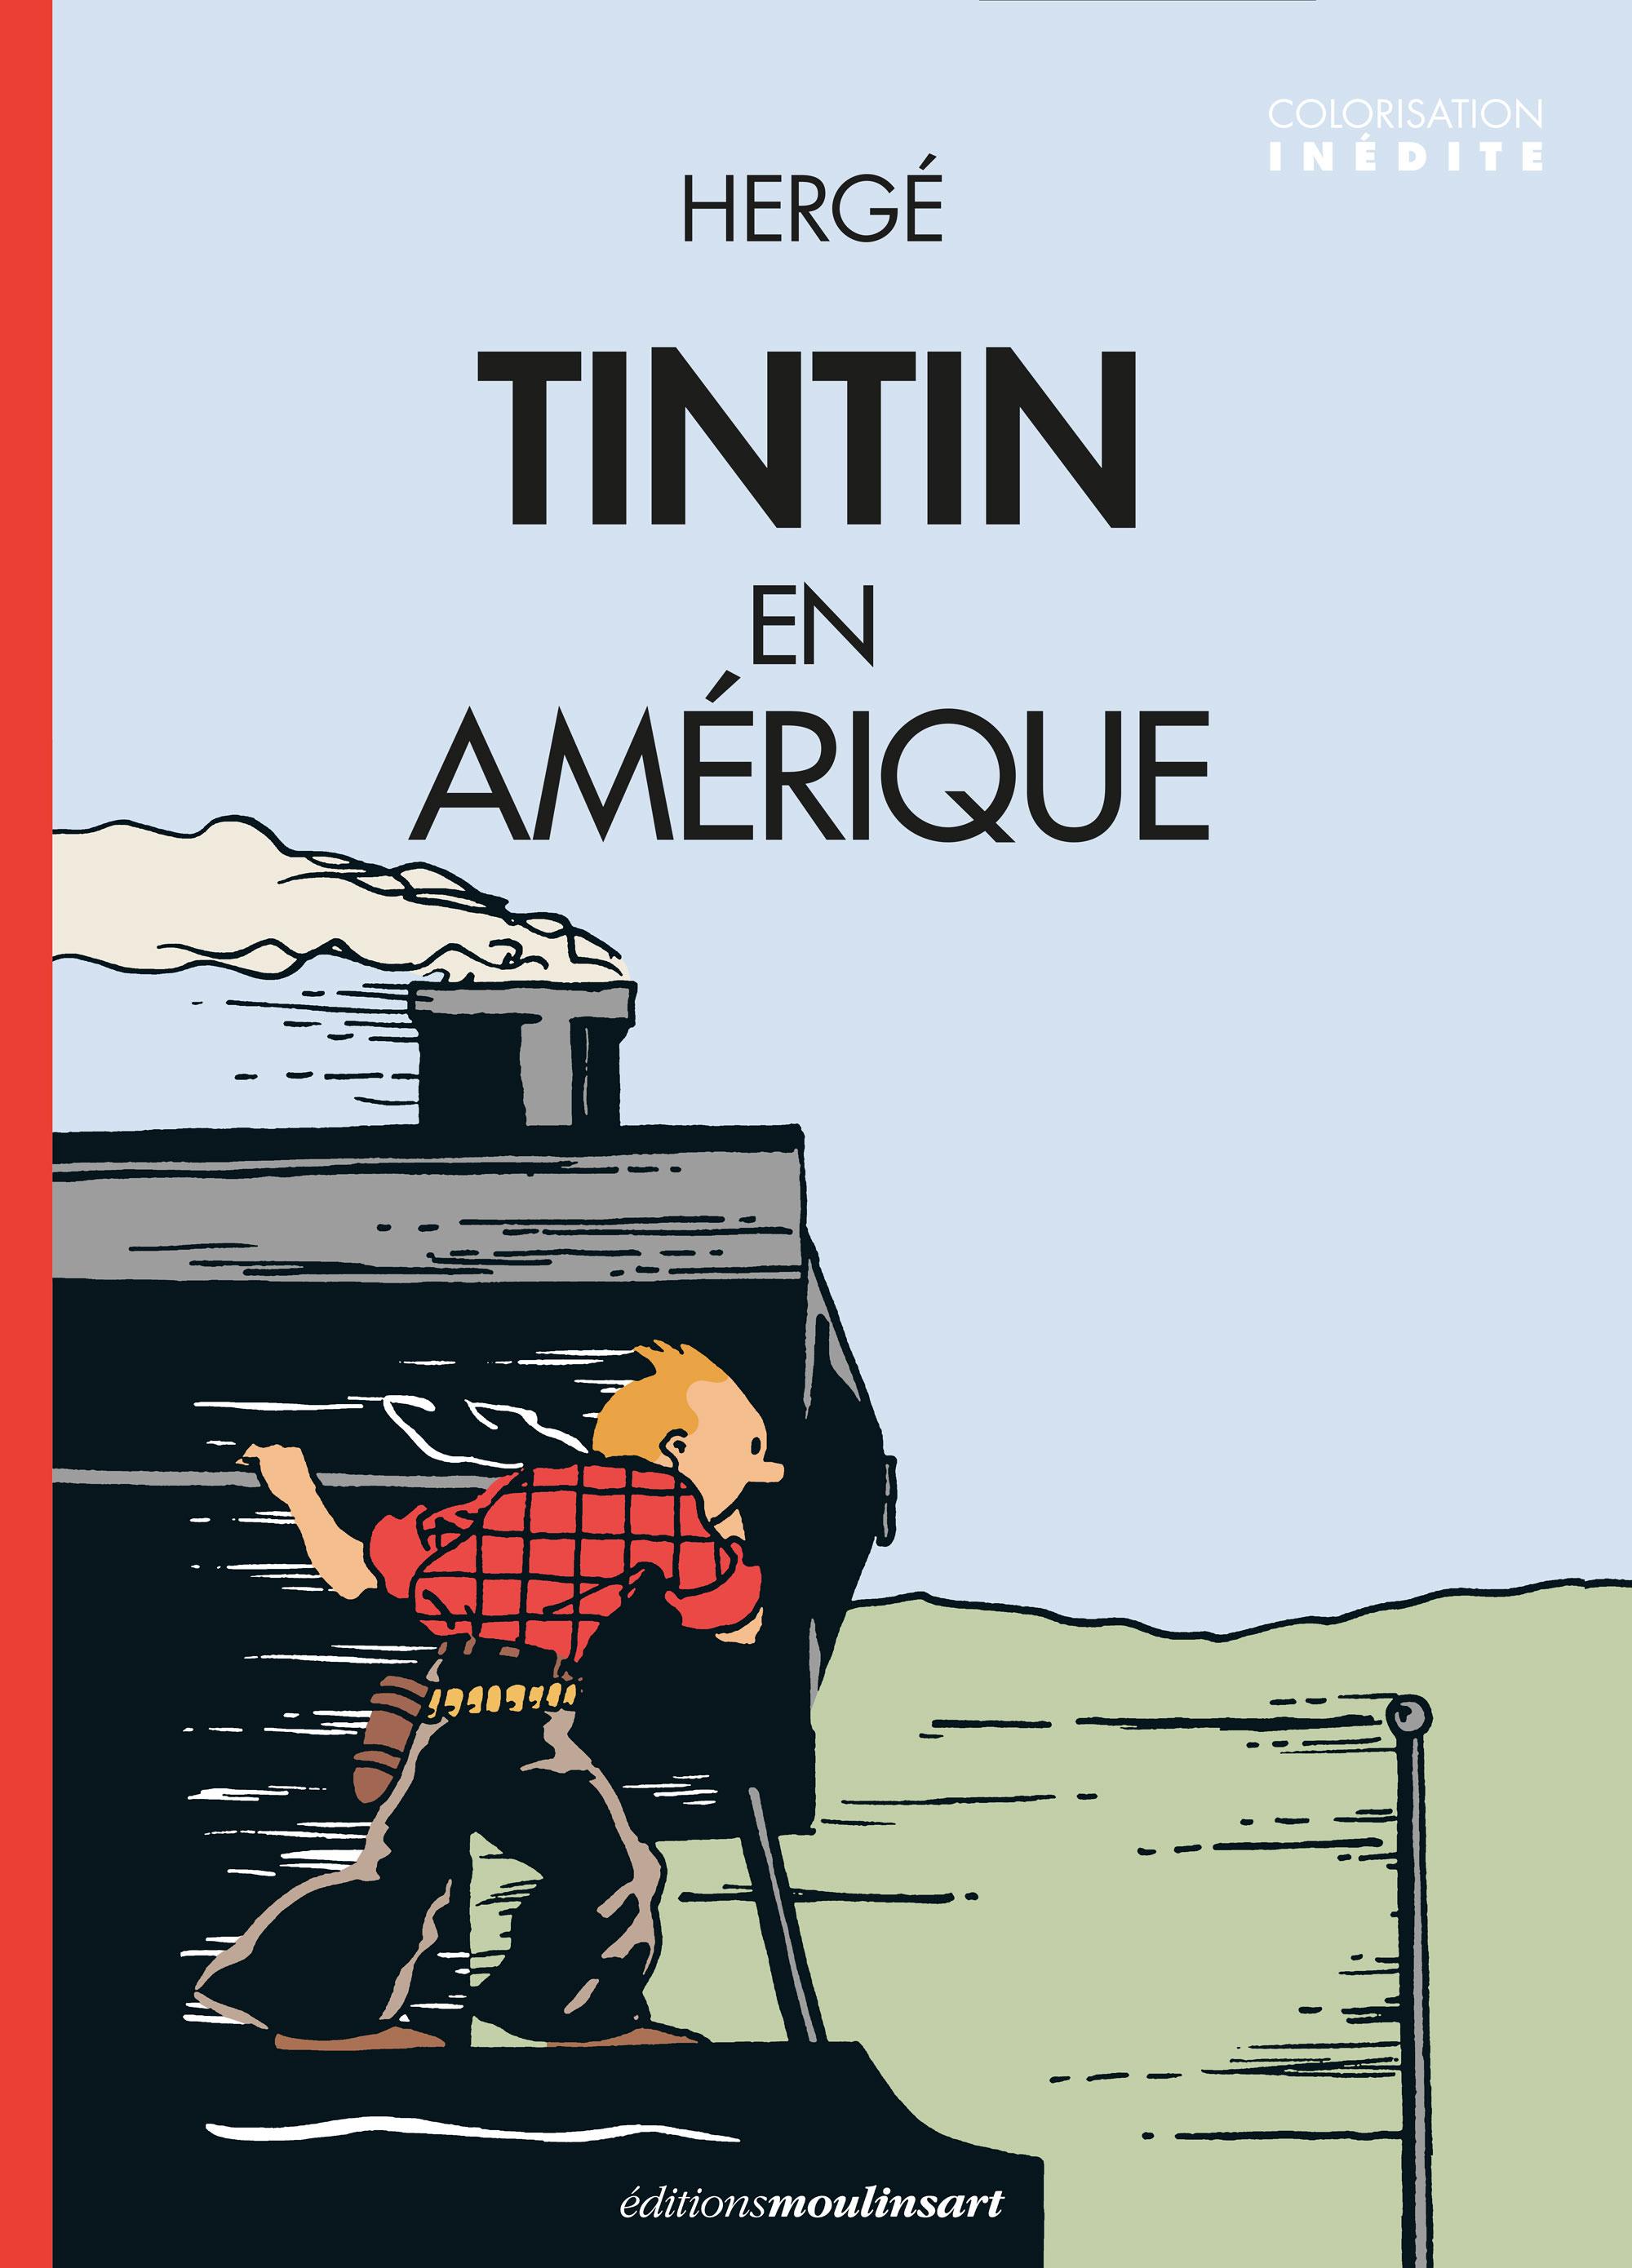 Couverture de Tintin en Amérique colorisé